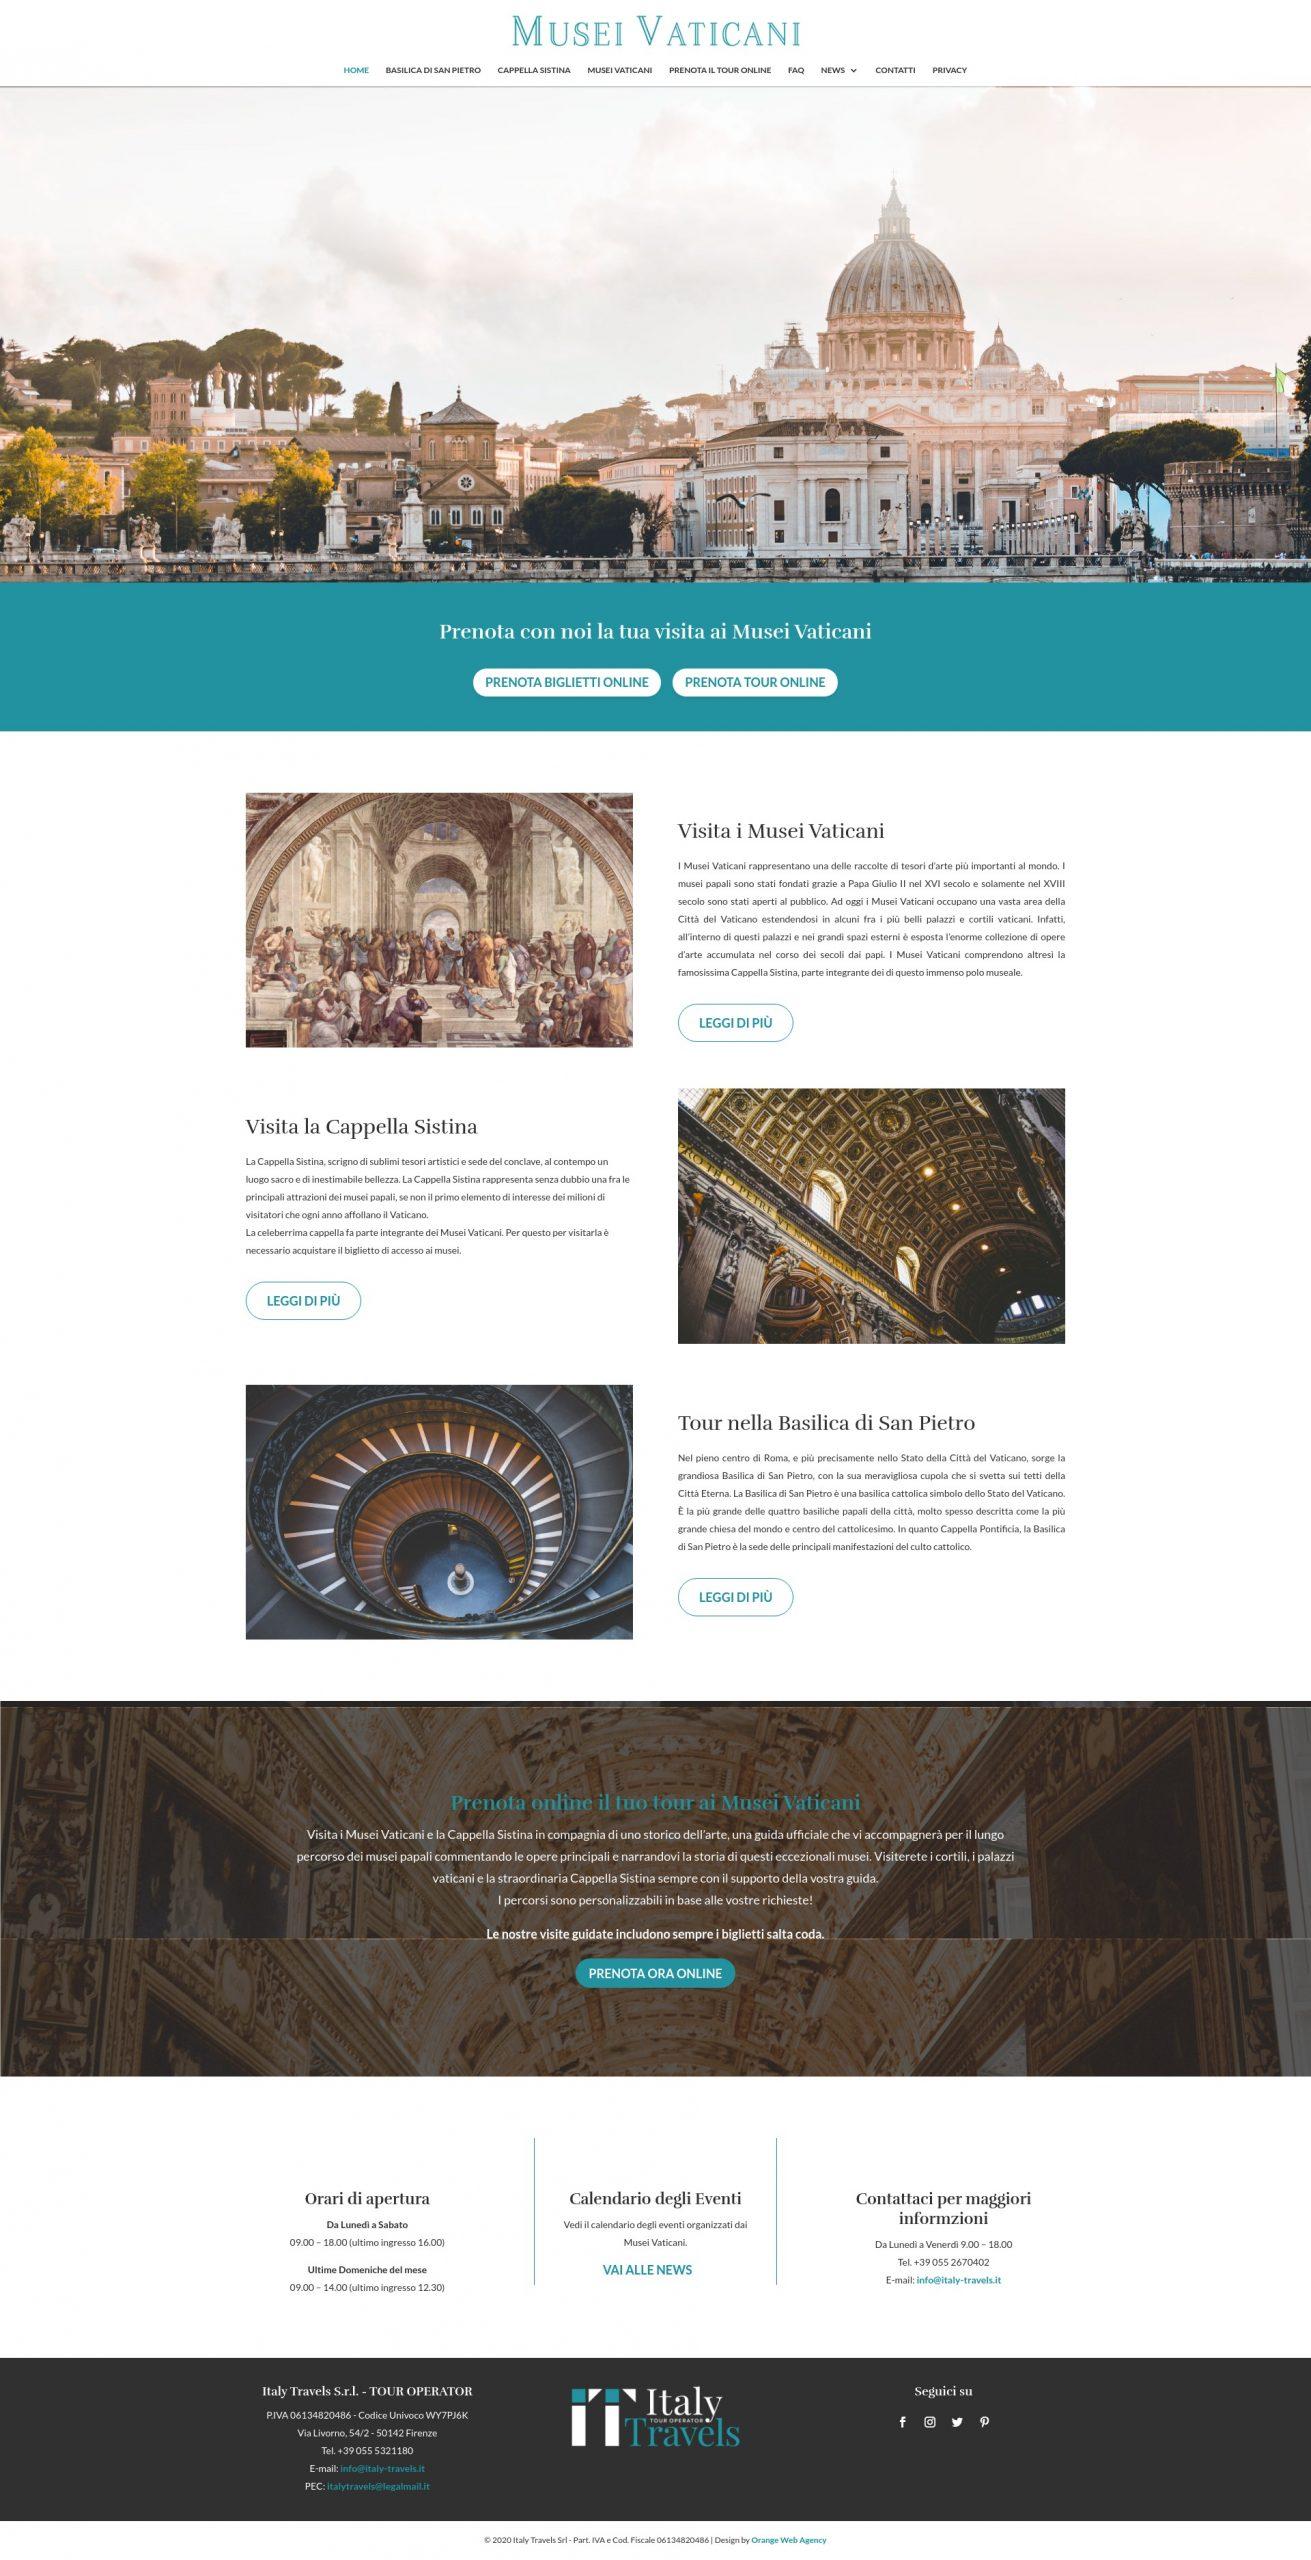 realizzazione sito web musei vaticani